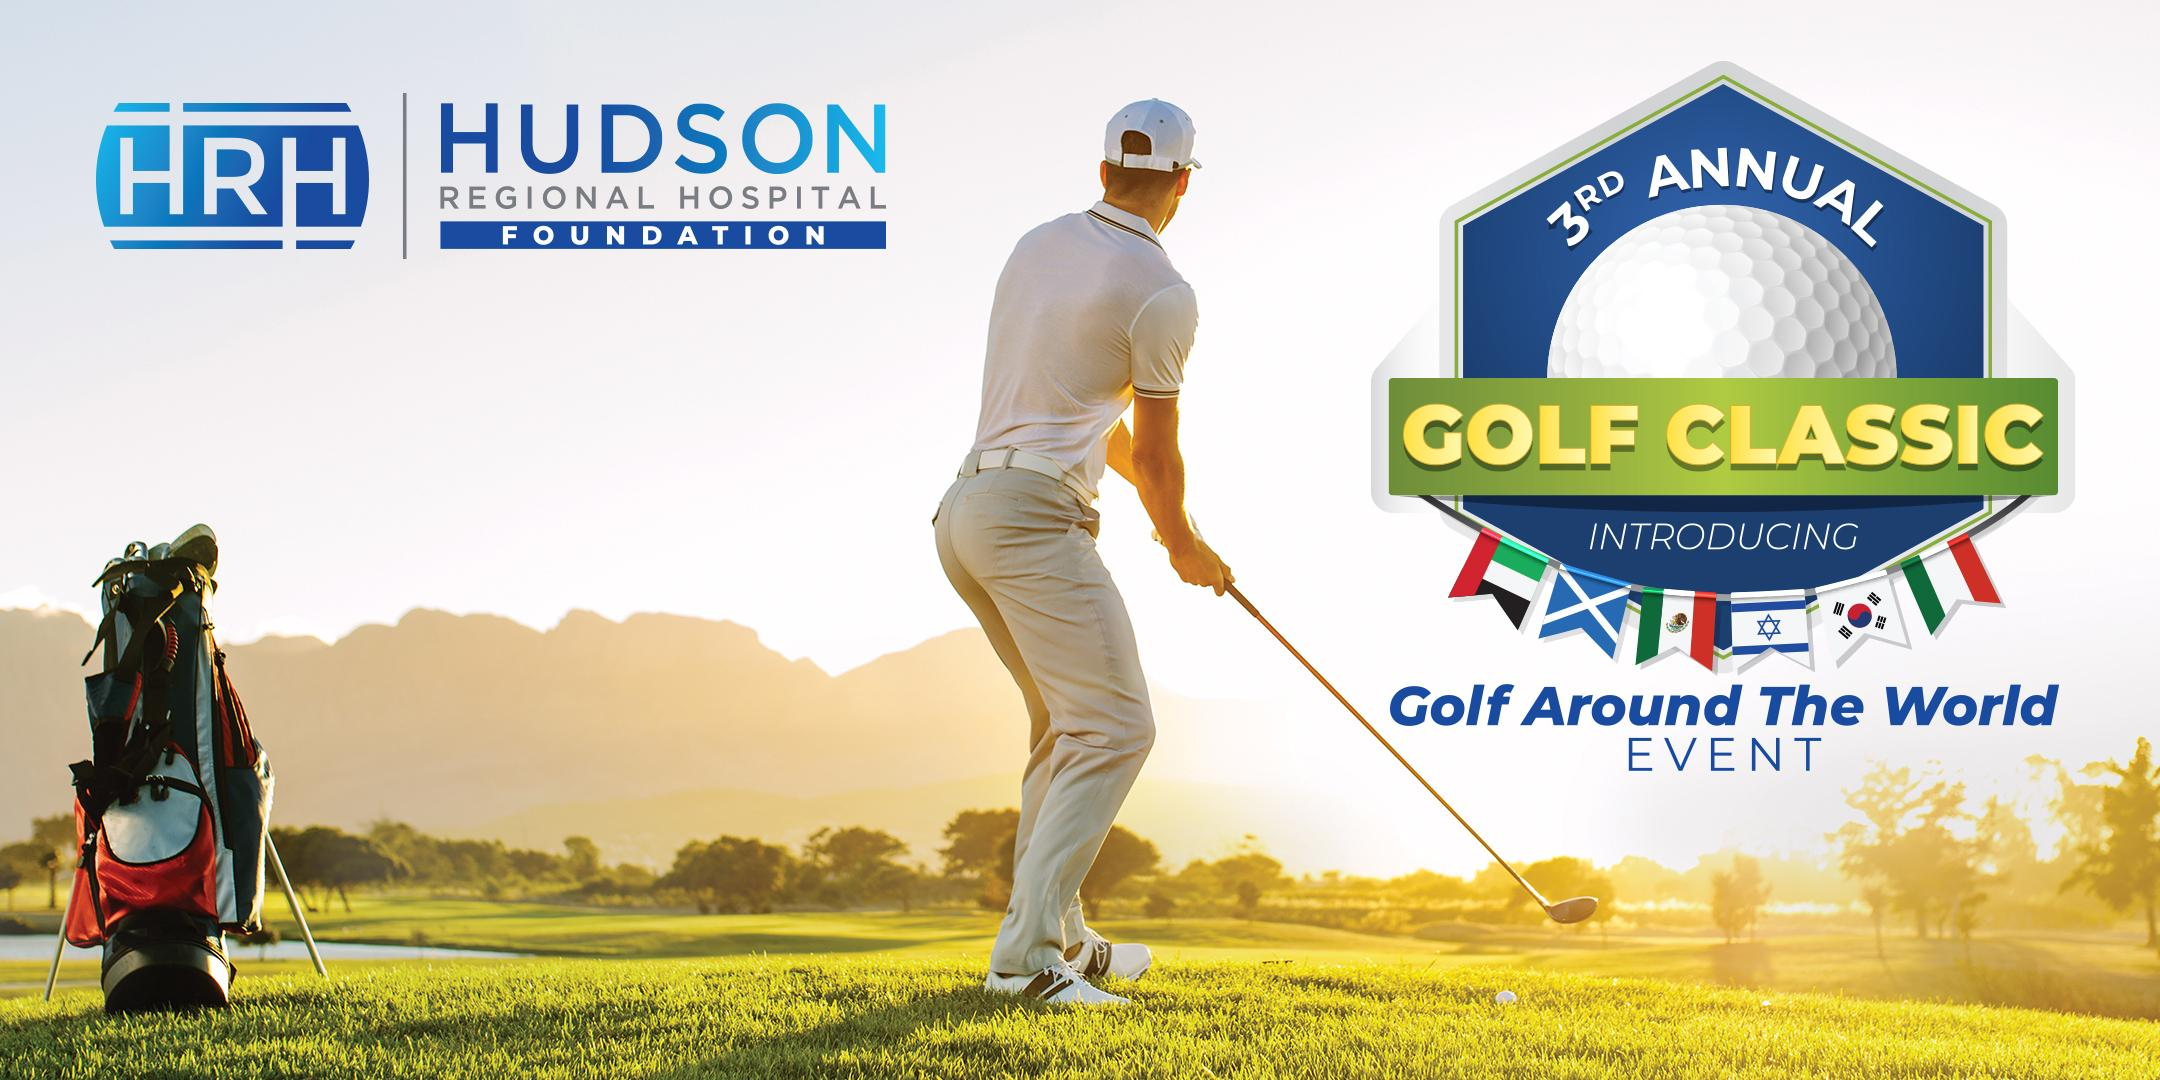 3rd Annual Hudson Regional Hospital Foundation Golf Classic